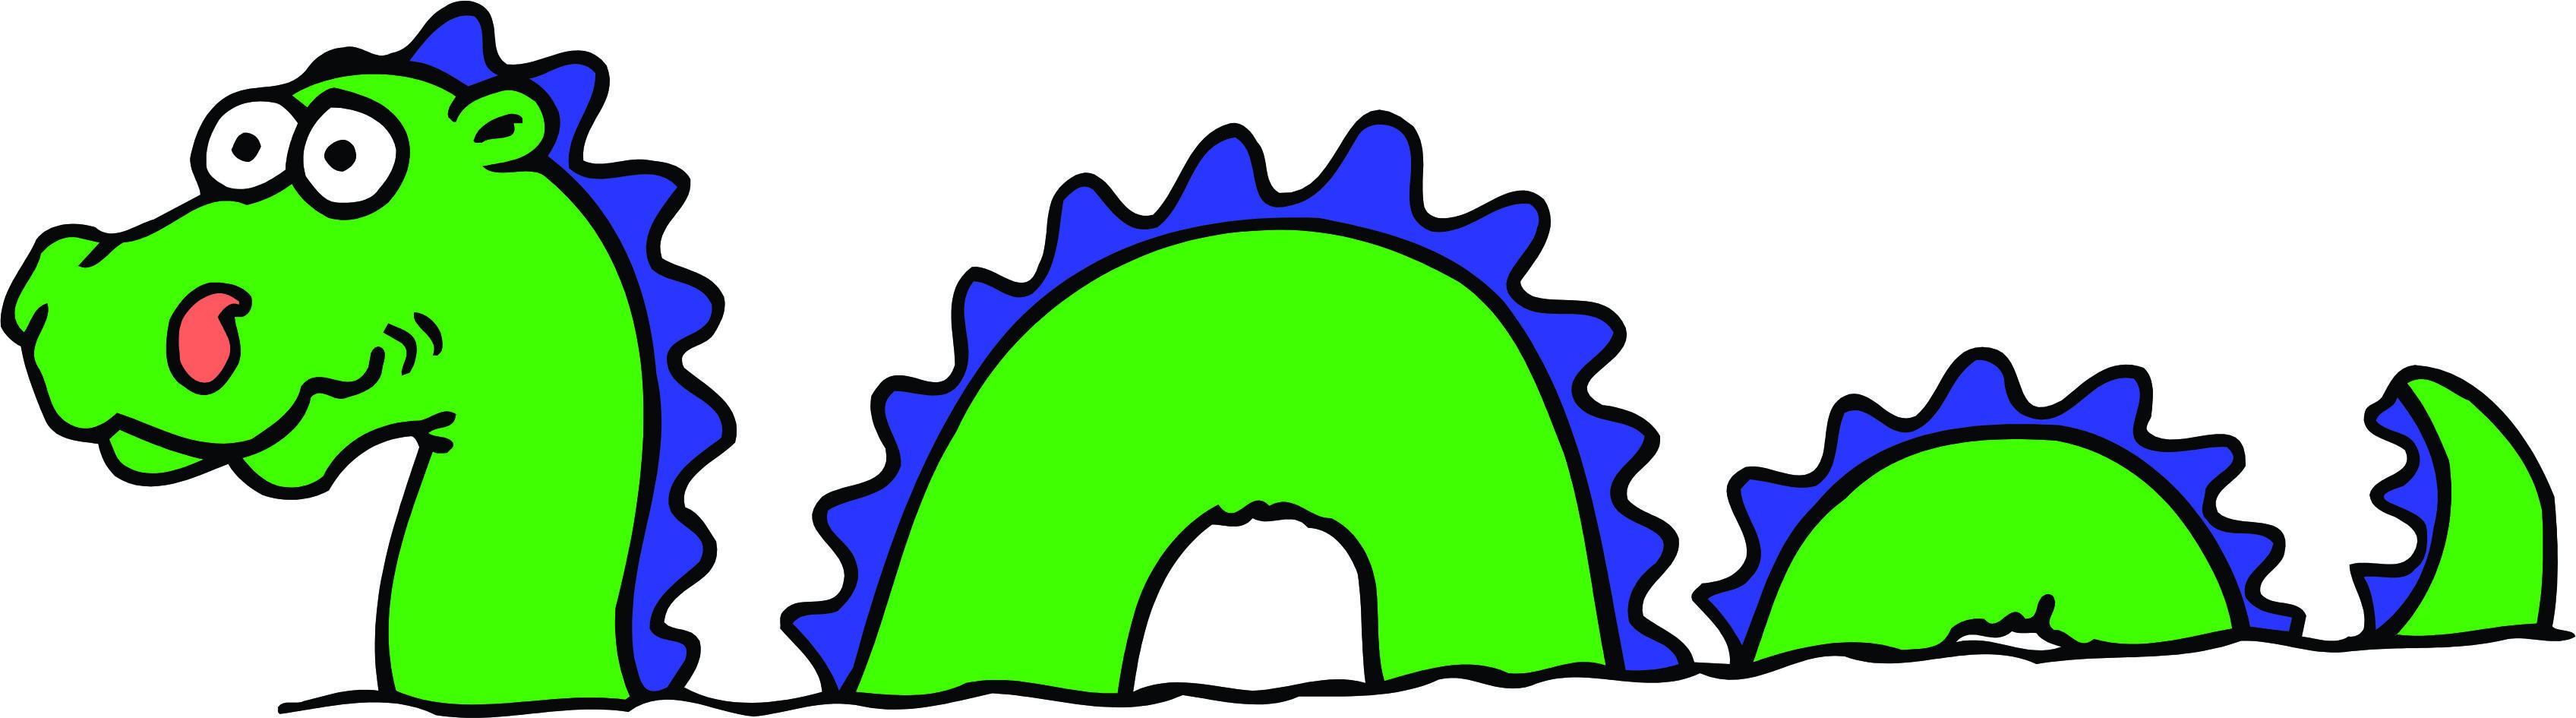 Loch Ness Monster Clipart - ClipArt Best